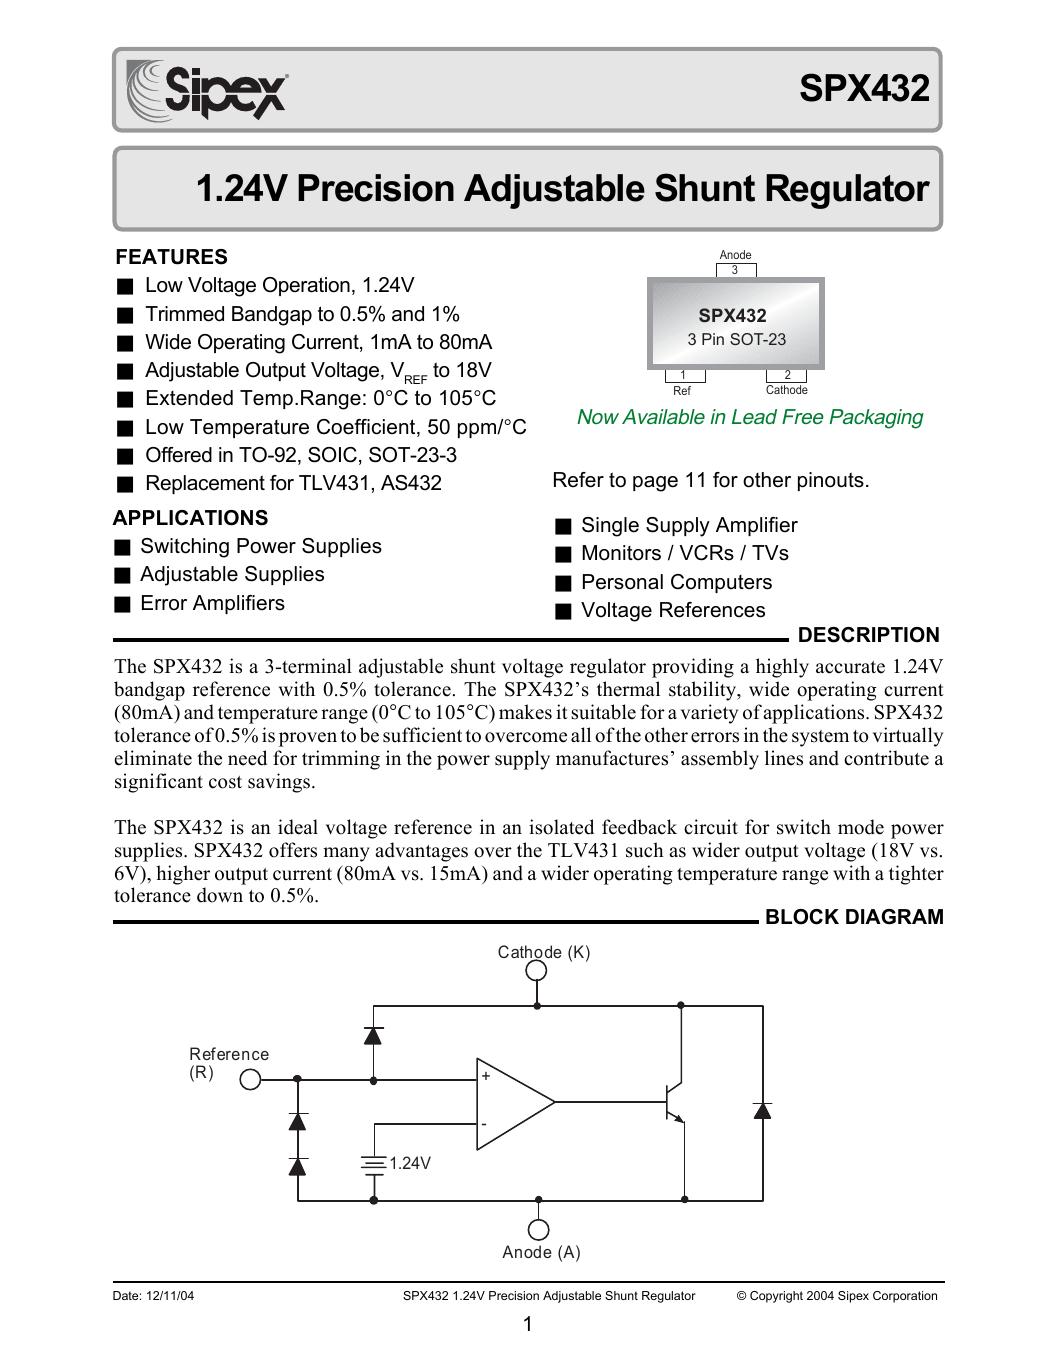 Spx432 124v Precision Adjustable Shunt Regulator Switched Mode Power Supply Block Diagram